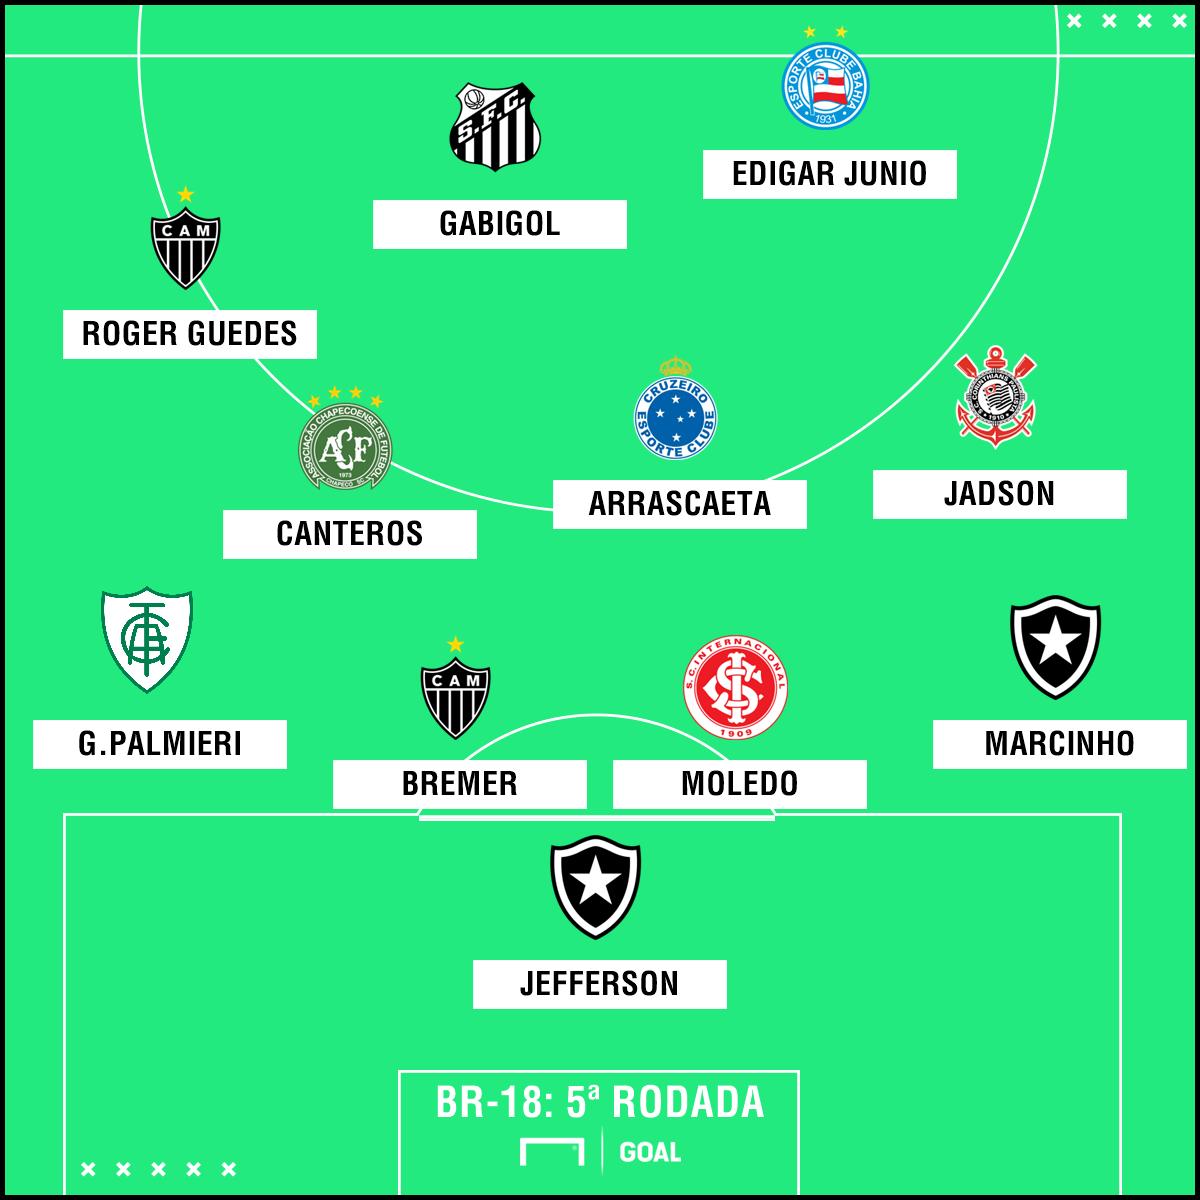 GFX seleção rodada 5 Brasileirão 14 05 2018